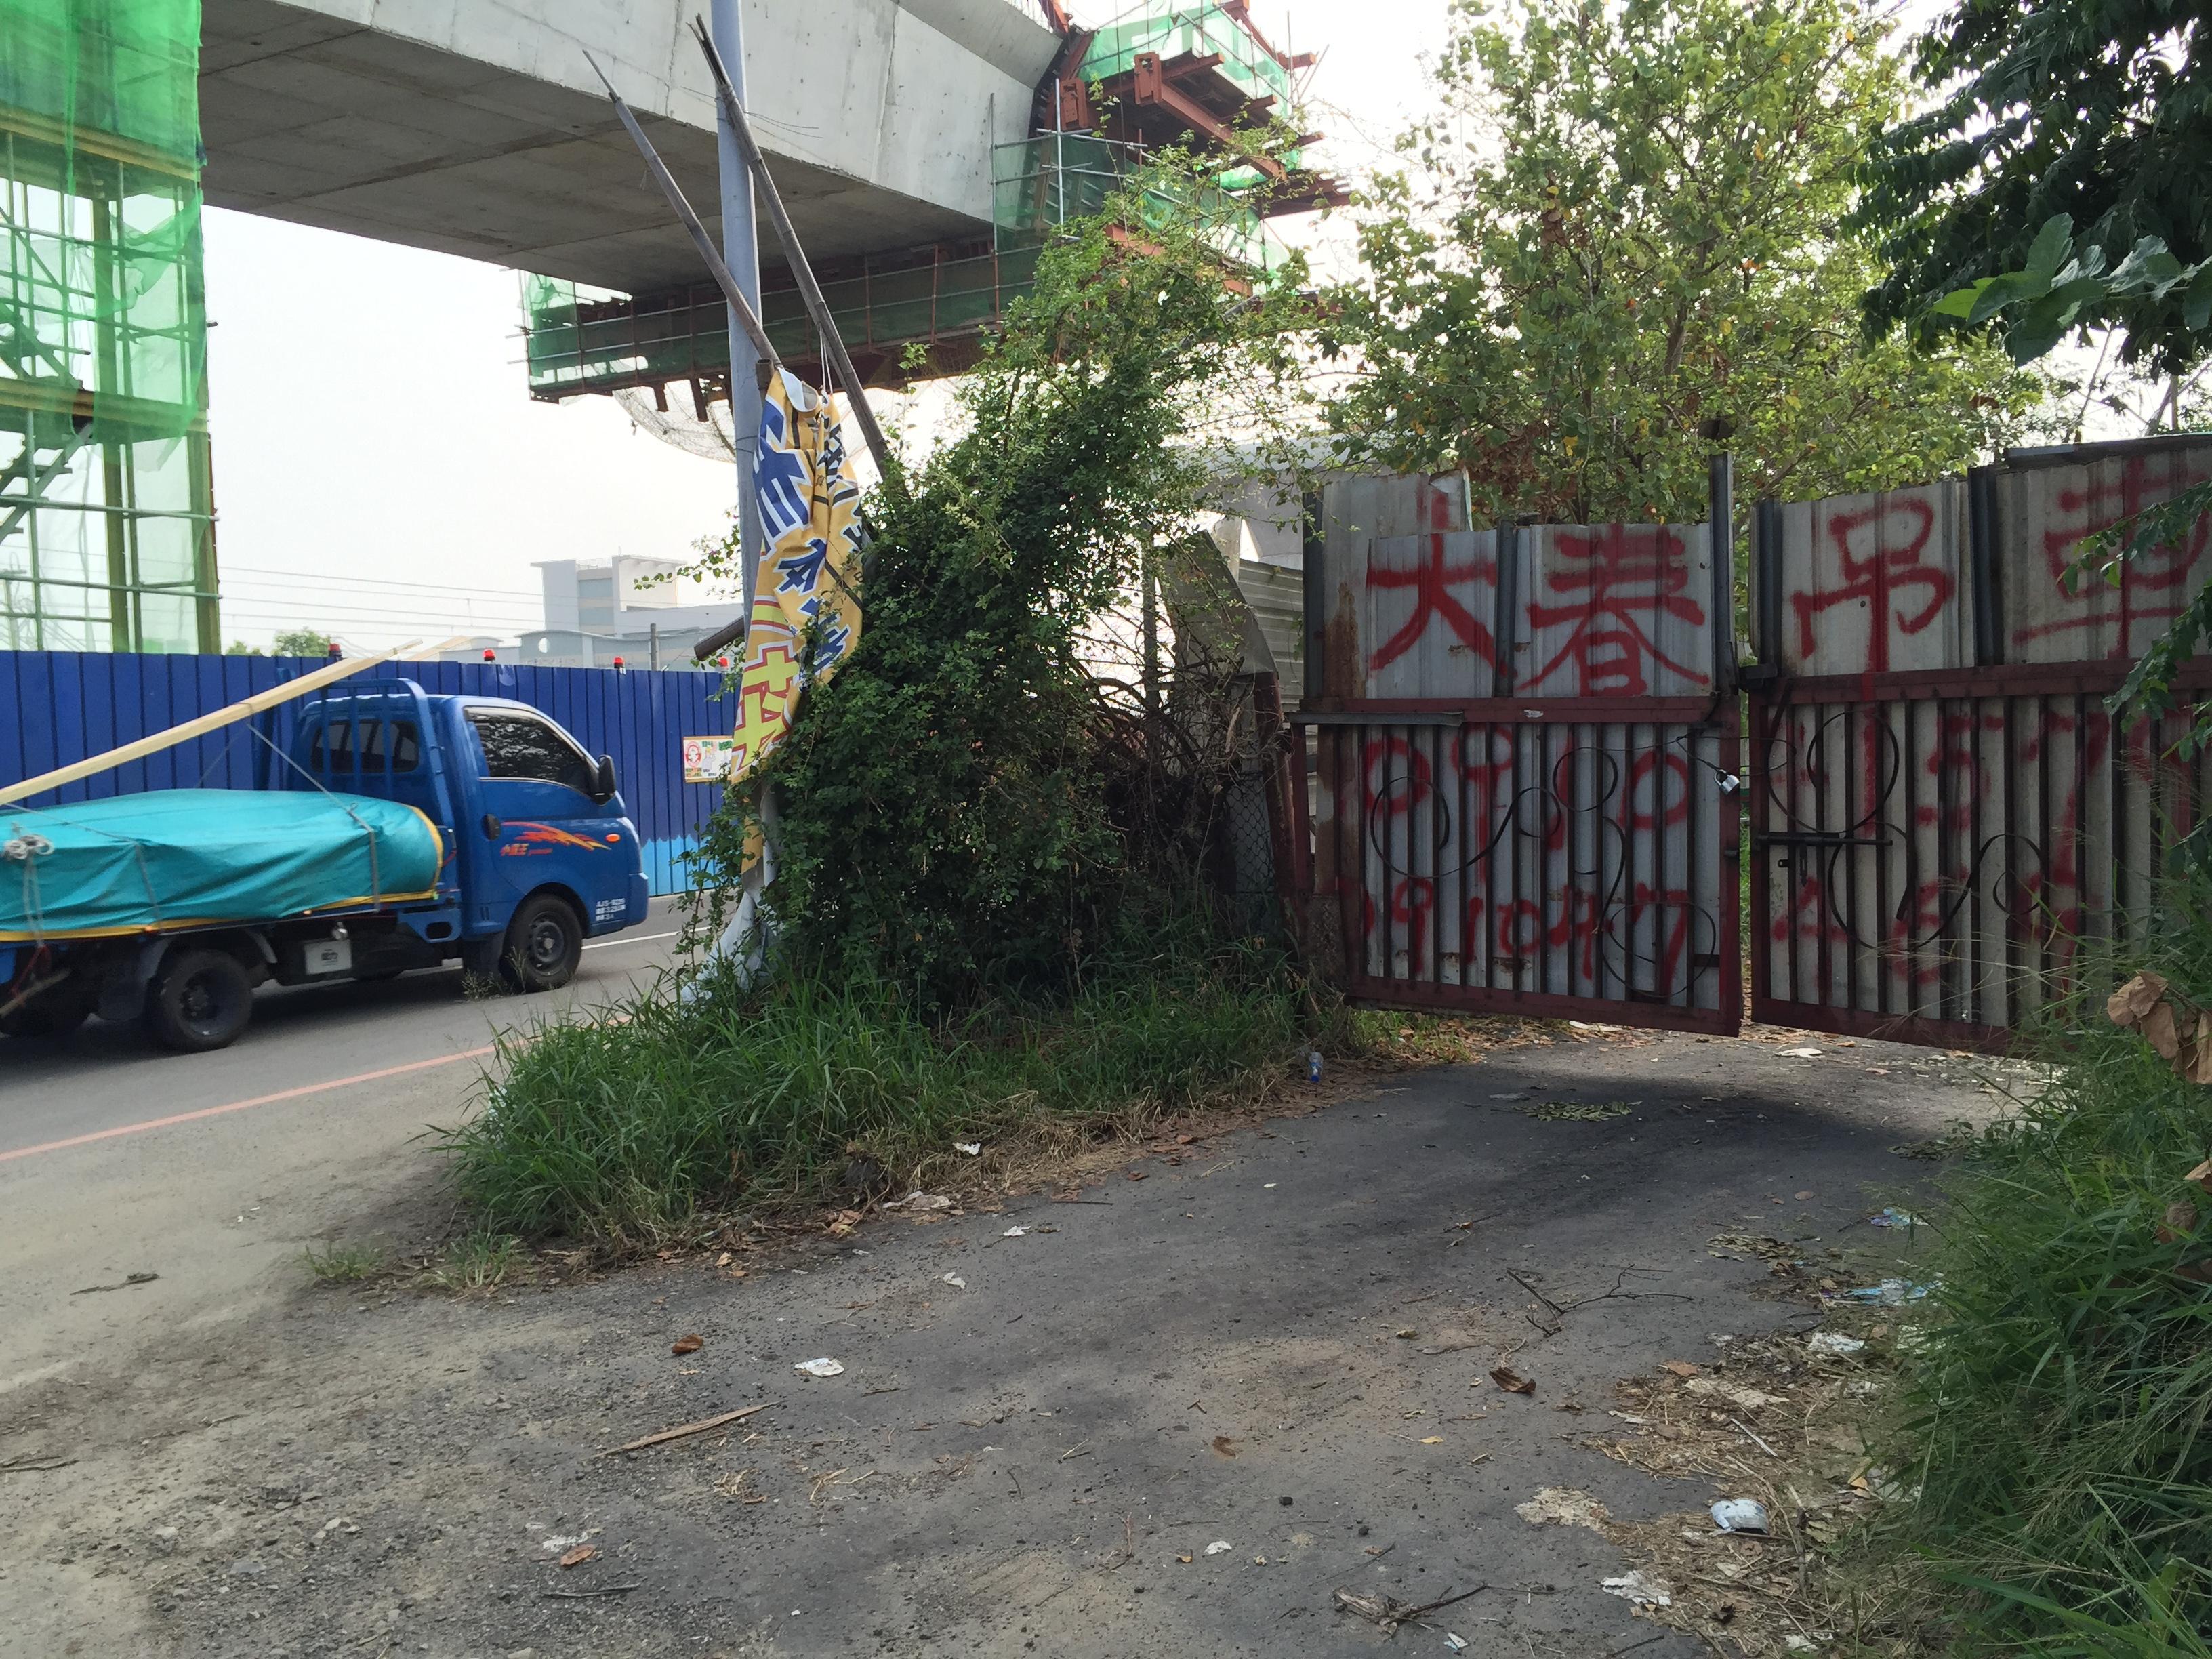 3迷你螃蟹吊車(巷中游龍).JPG